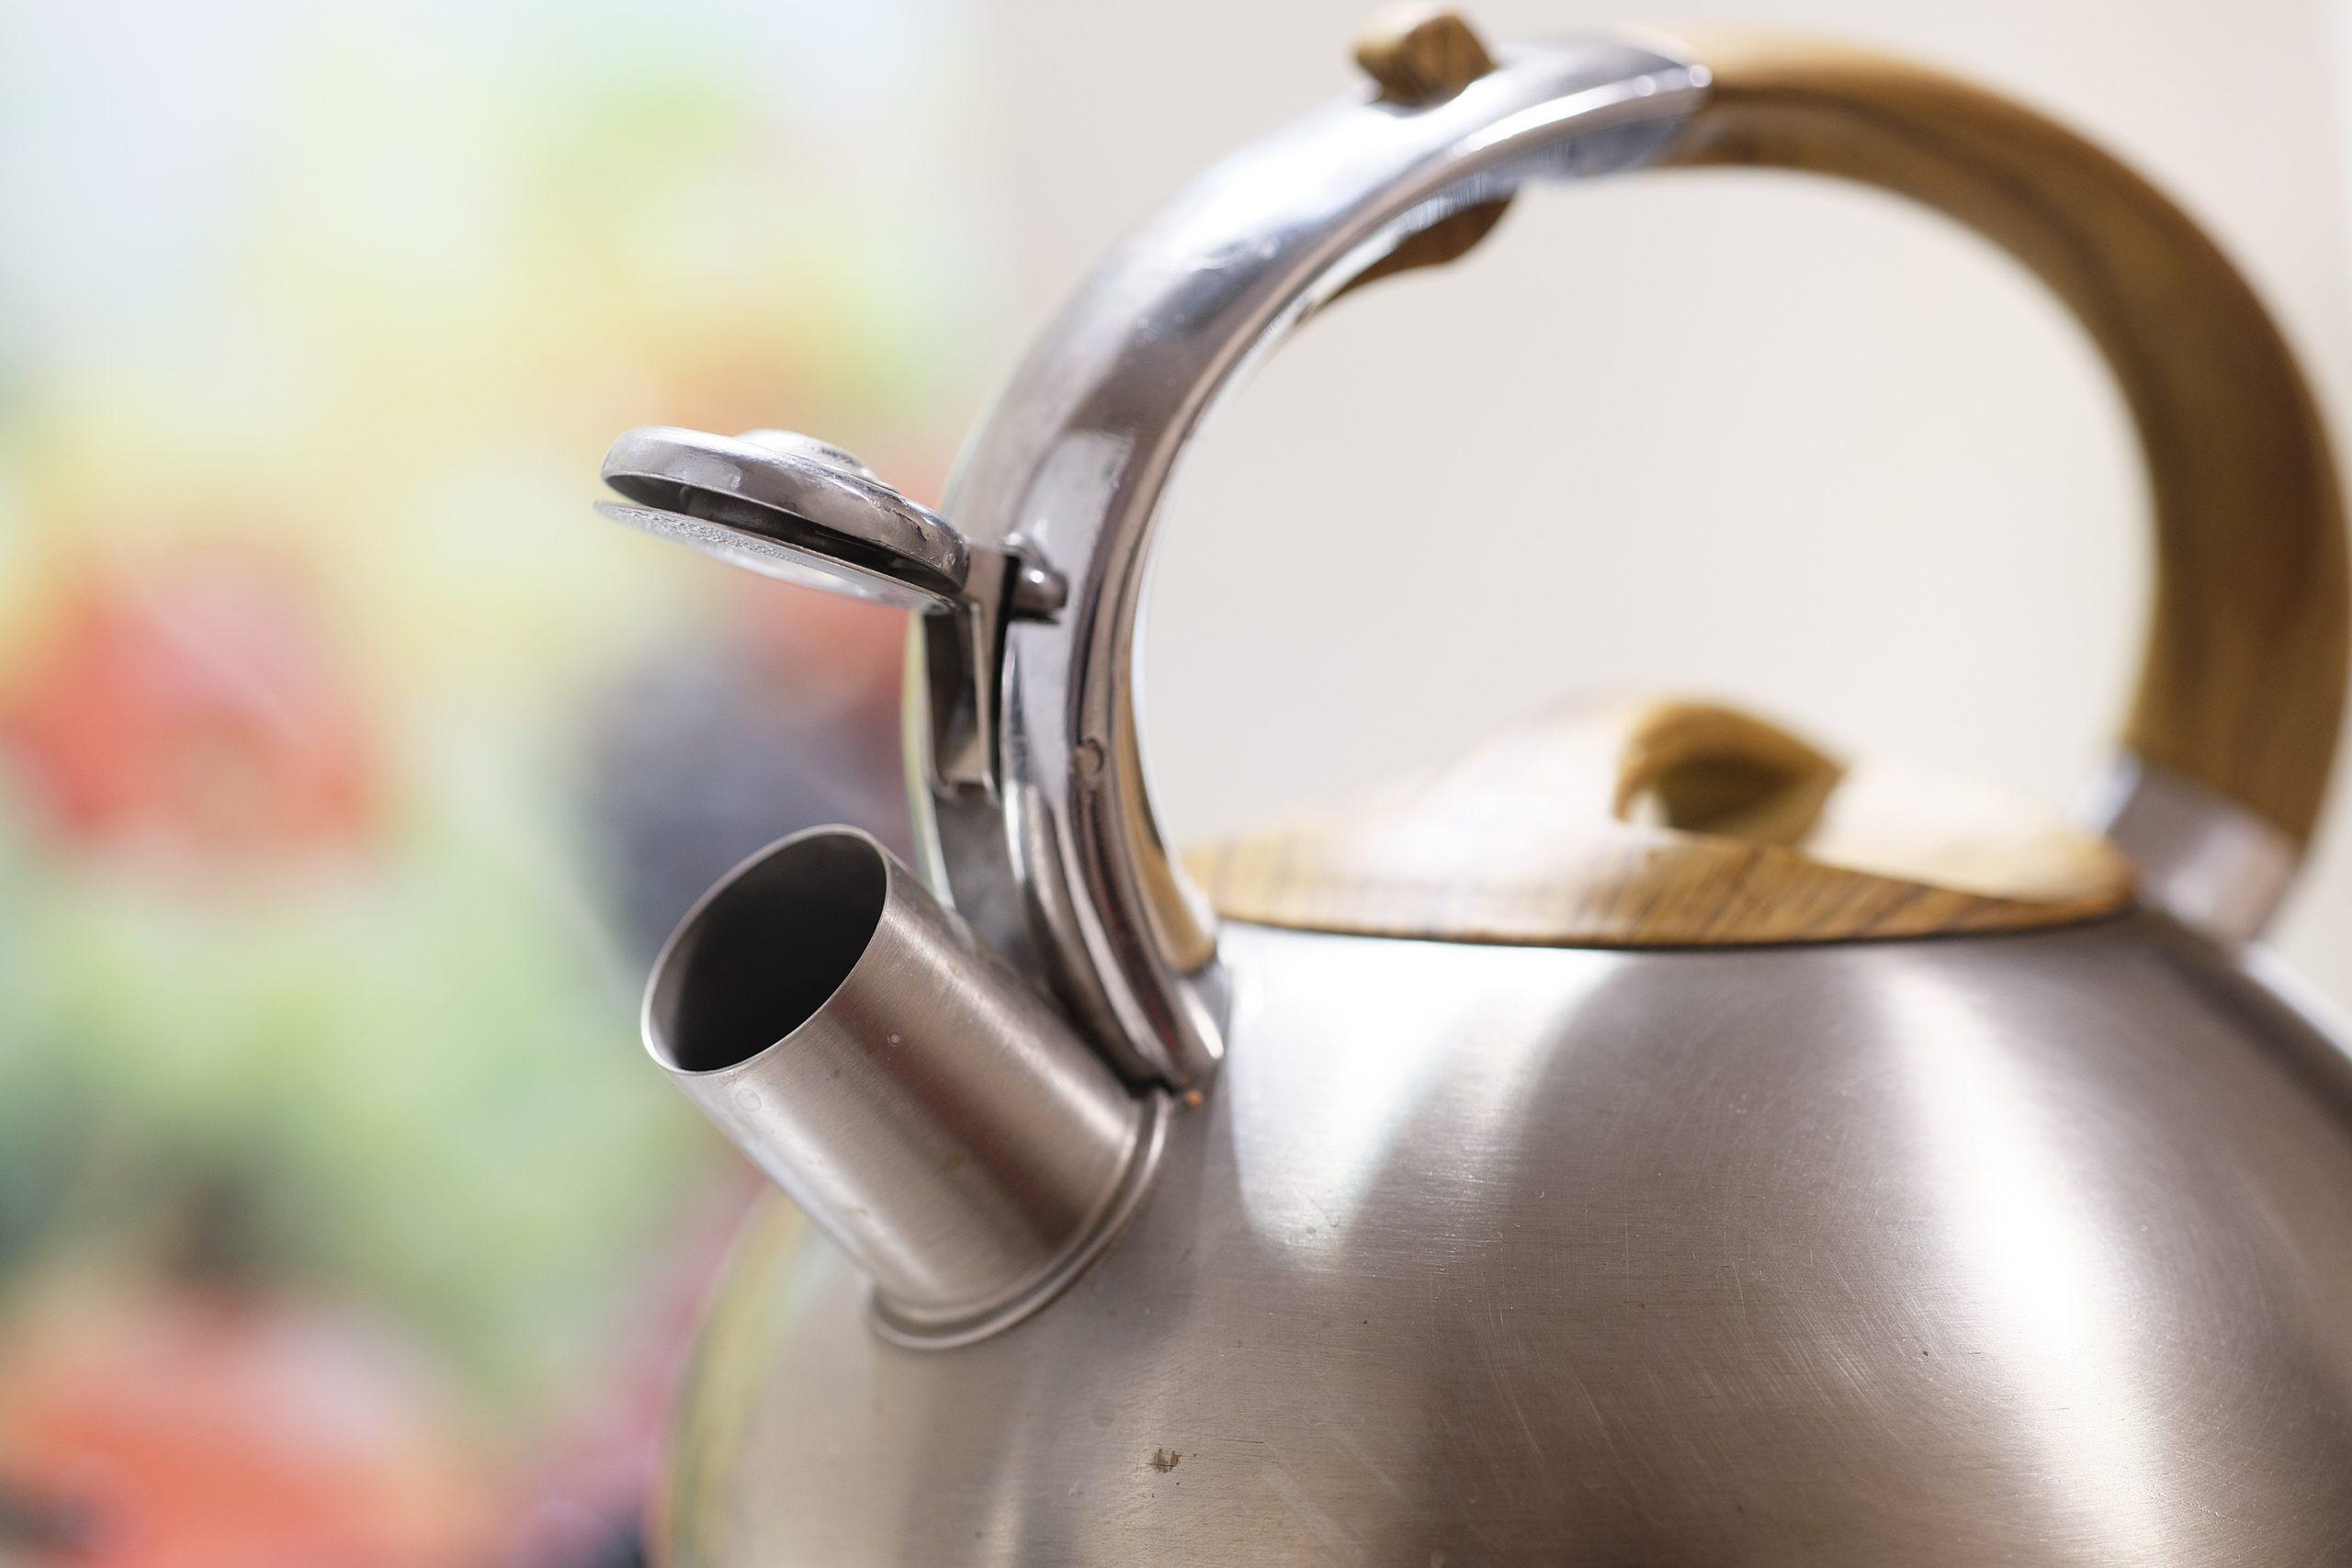 Edelstahl Wasserkocher: Test & Empfehlungen (08/20)